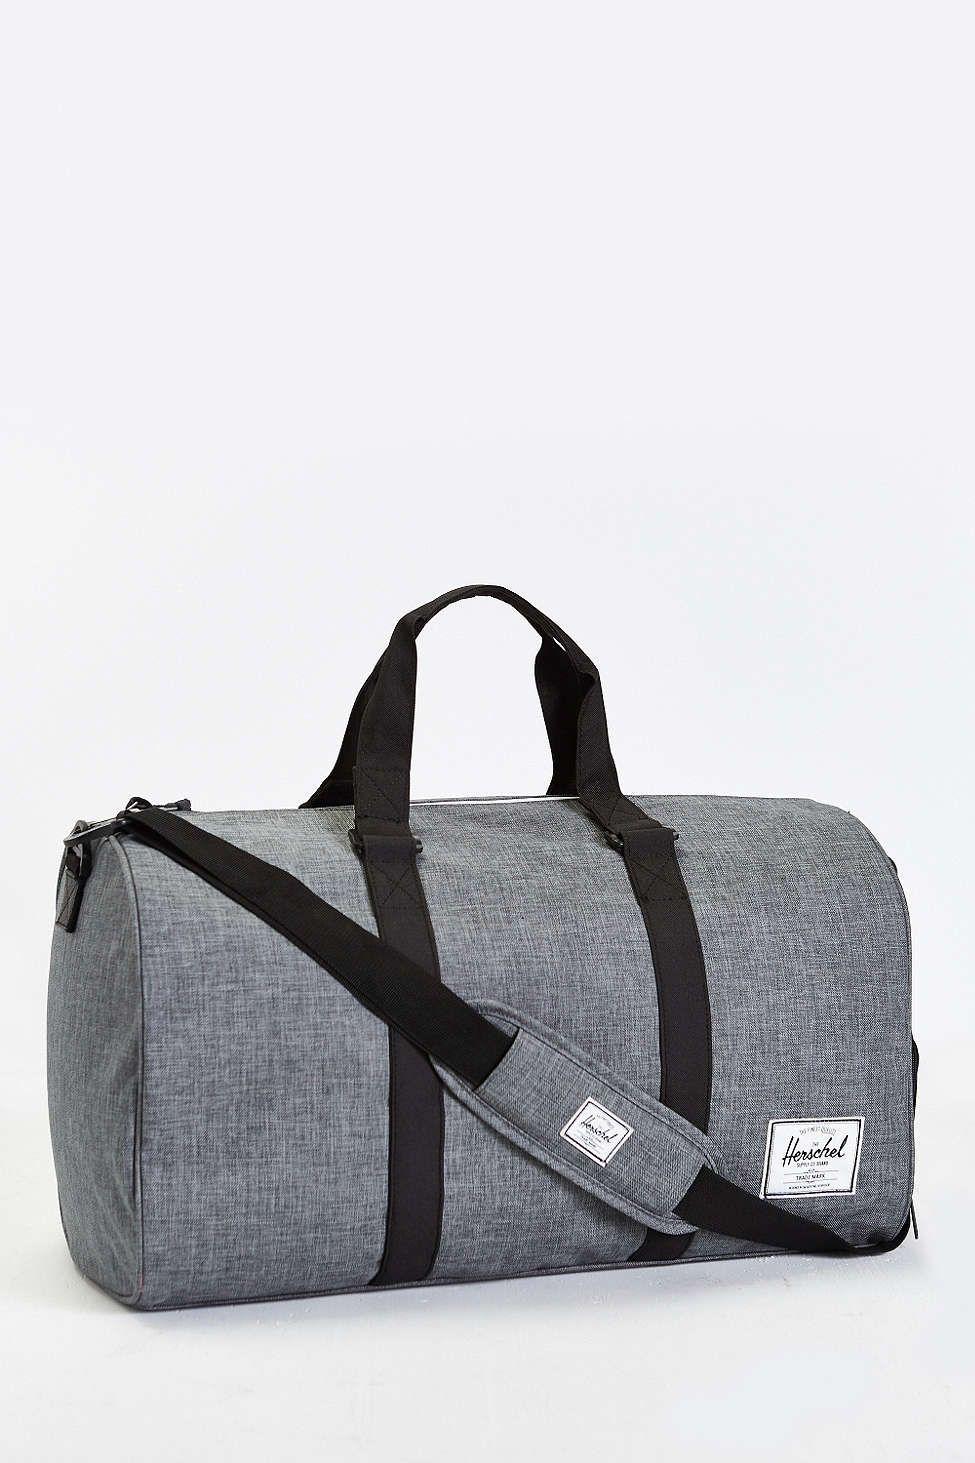 6f2f6fe2f0 Herschel Supply Co. Novel Weekender Duffle Bag in 2018